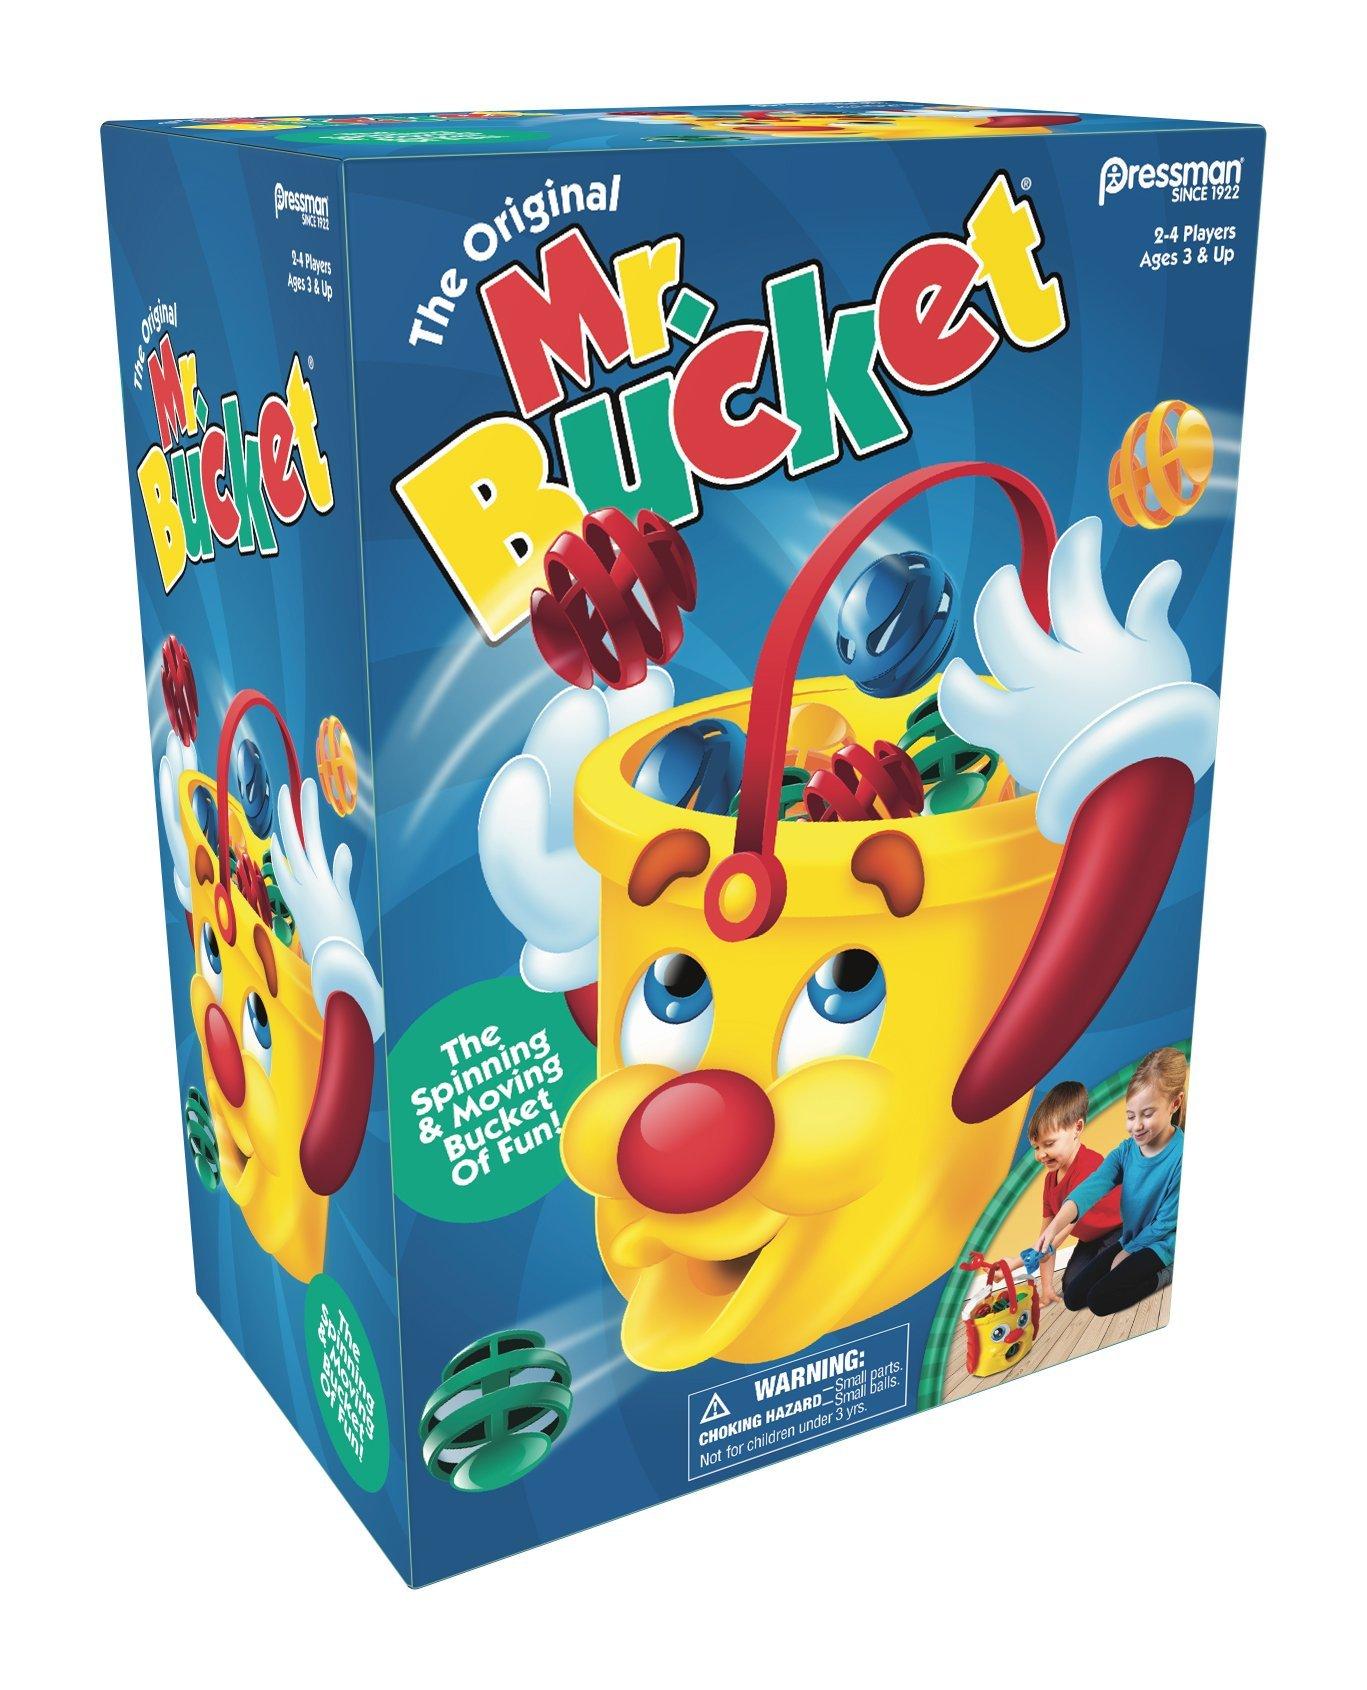 Pressman 6300-04 Toys Mr. Bucket Game, 5'', Multicolor